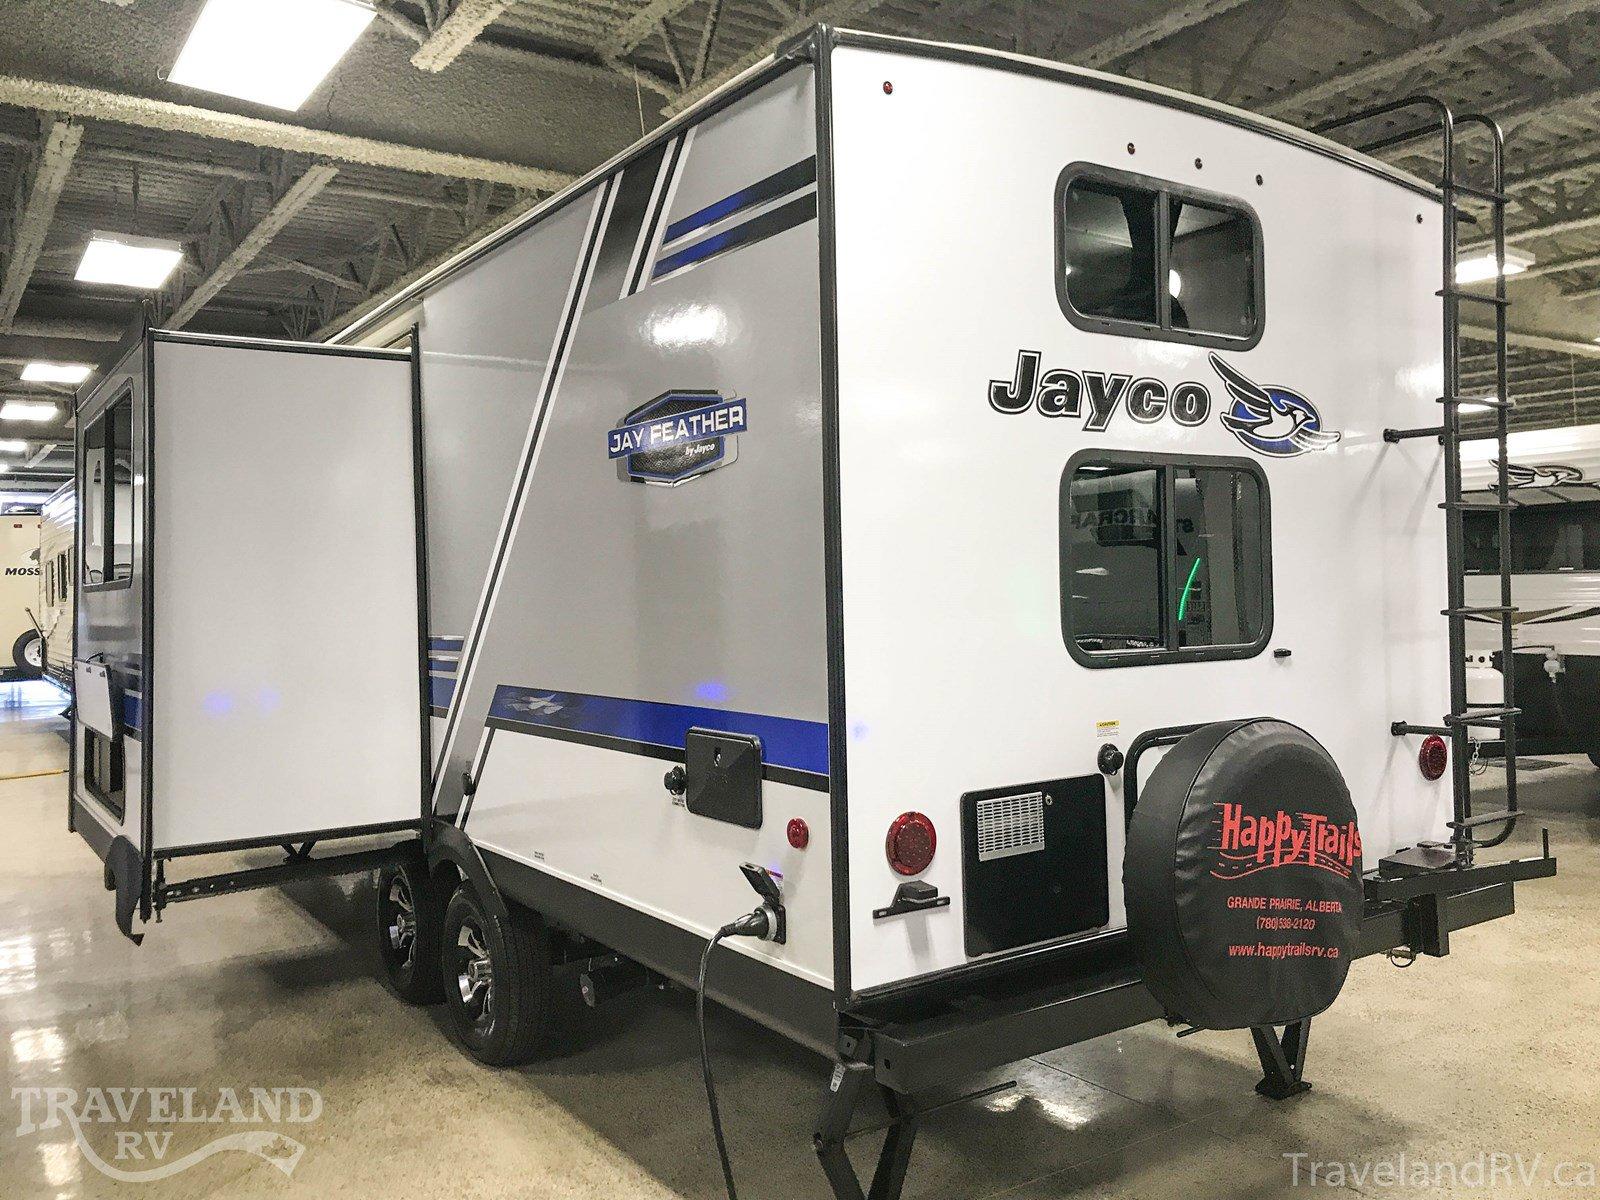 2018 Jayco Jay Feather 23BHM Thumbnail